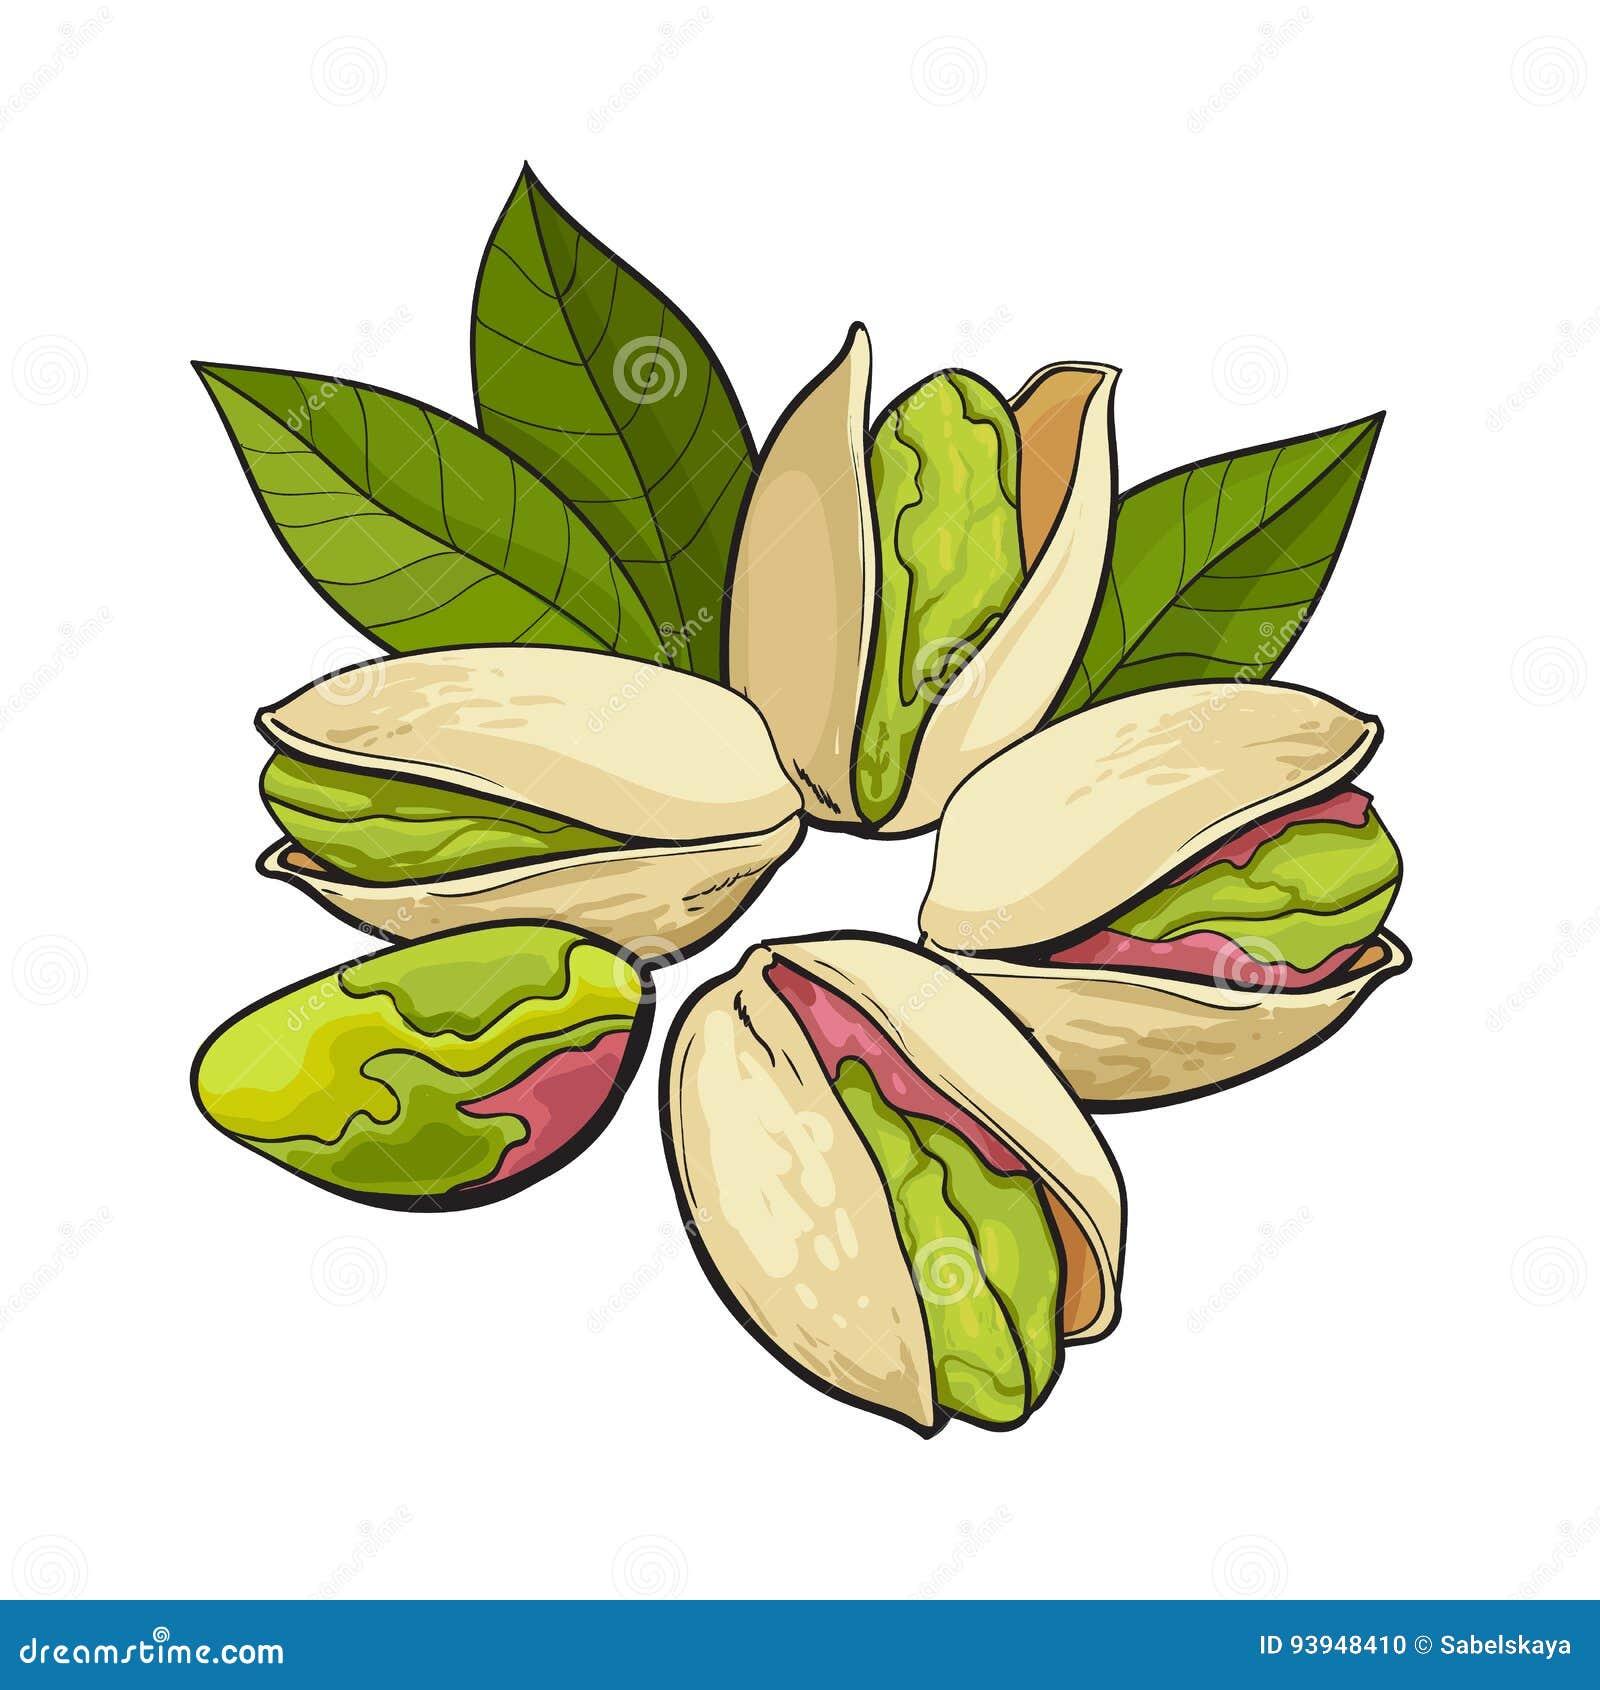 Grupa łuskająca i unshelled pistacjowe dokrętki, nakreślenie wektoru ilustracja